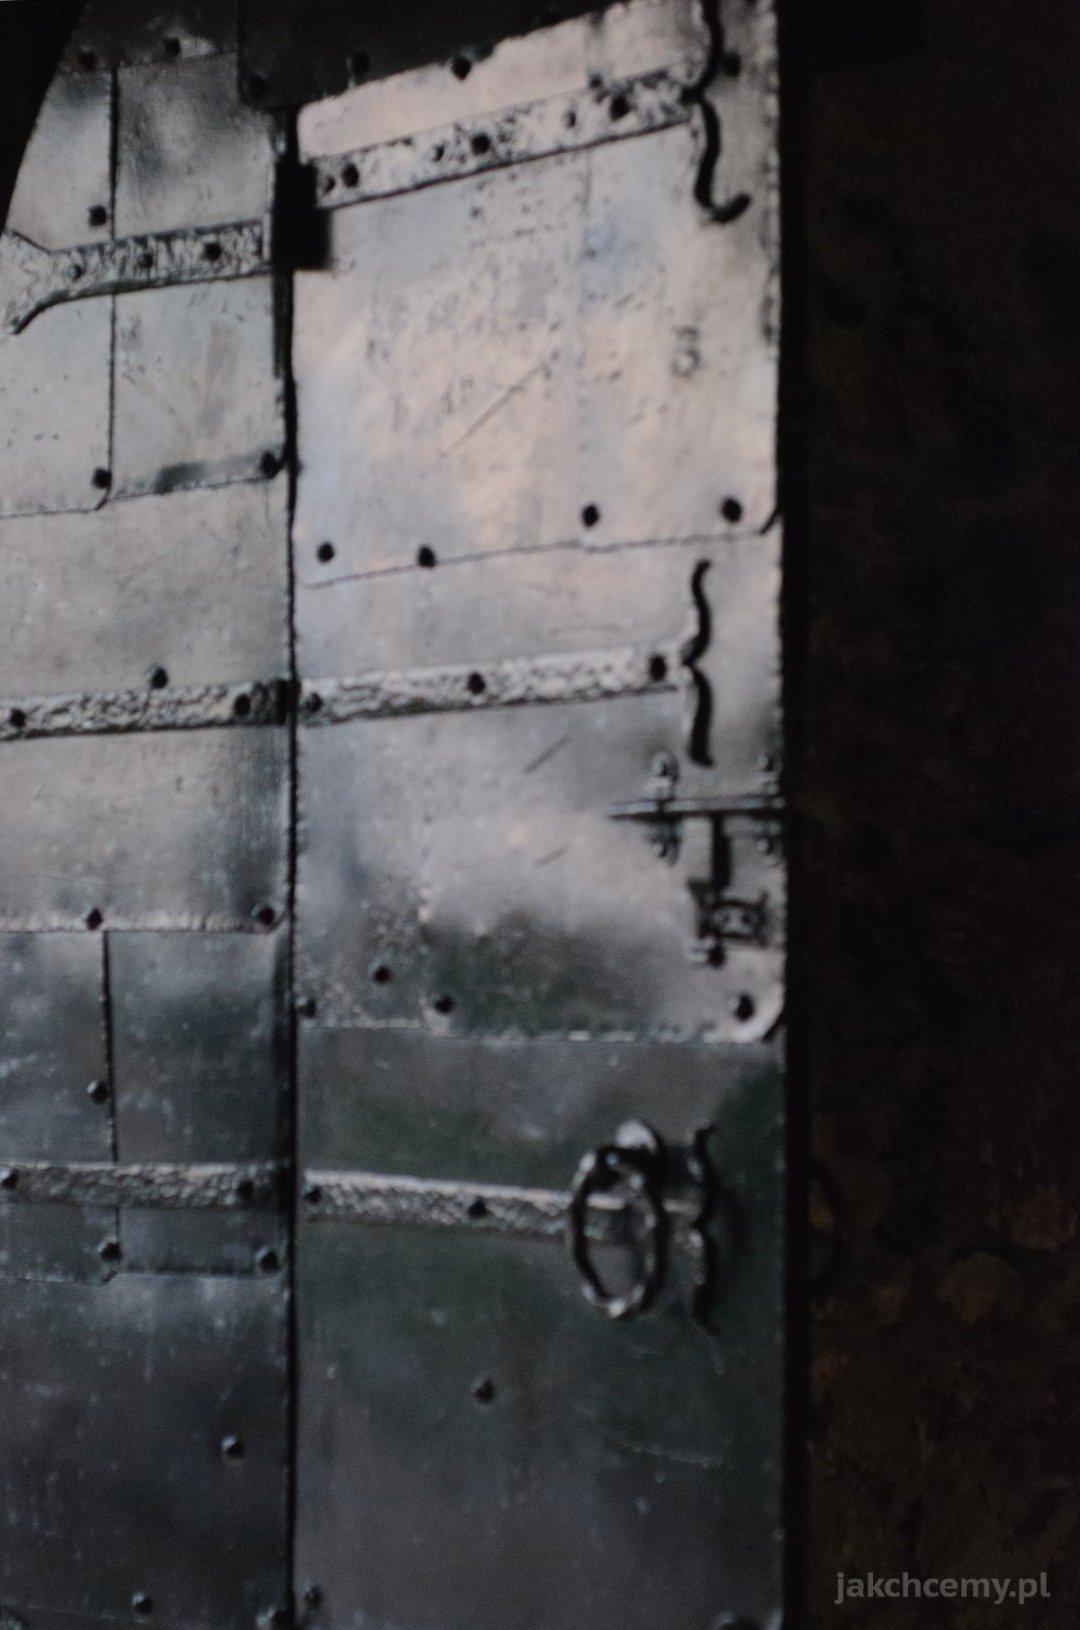 zamek drzwi metalowe